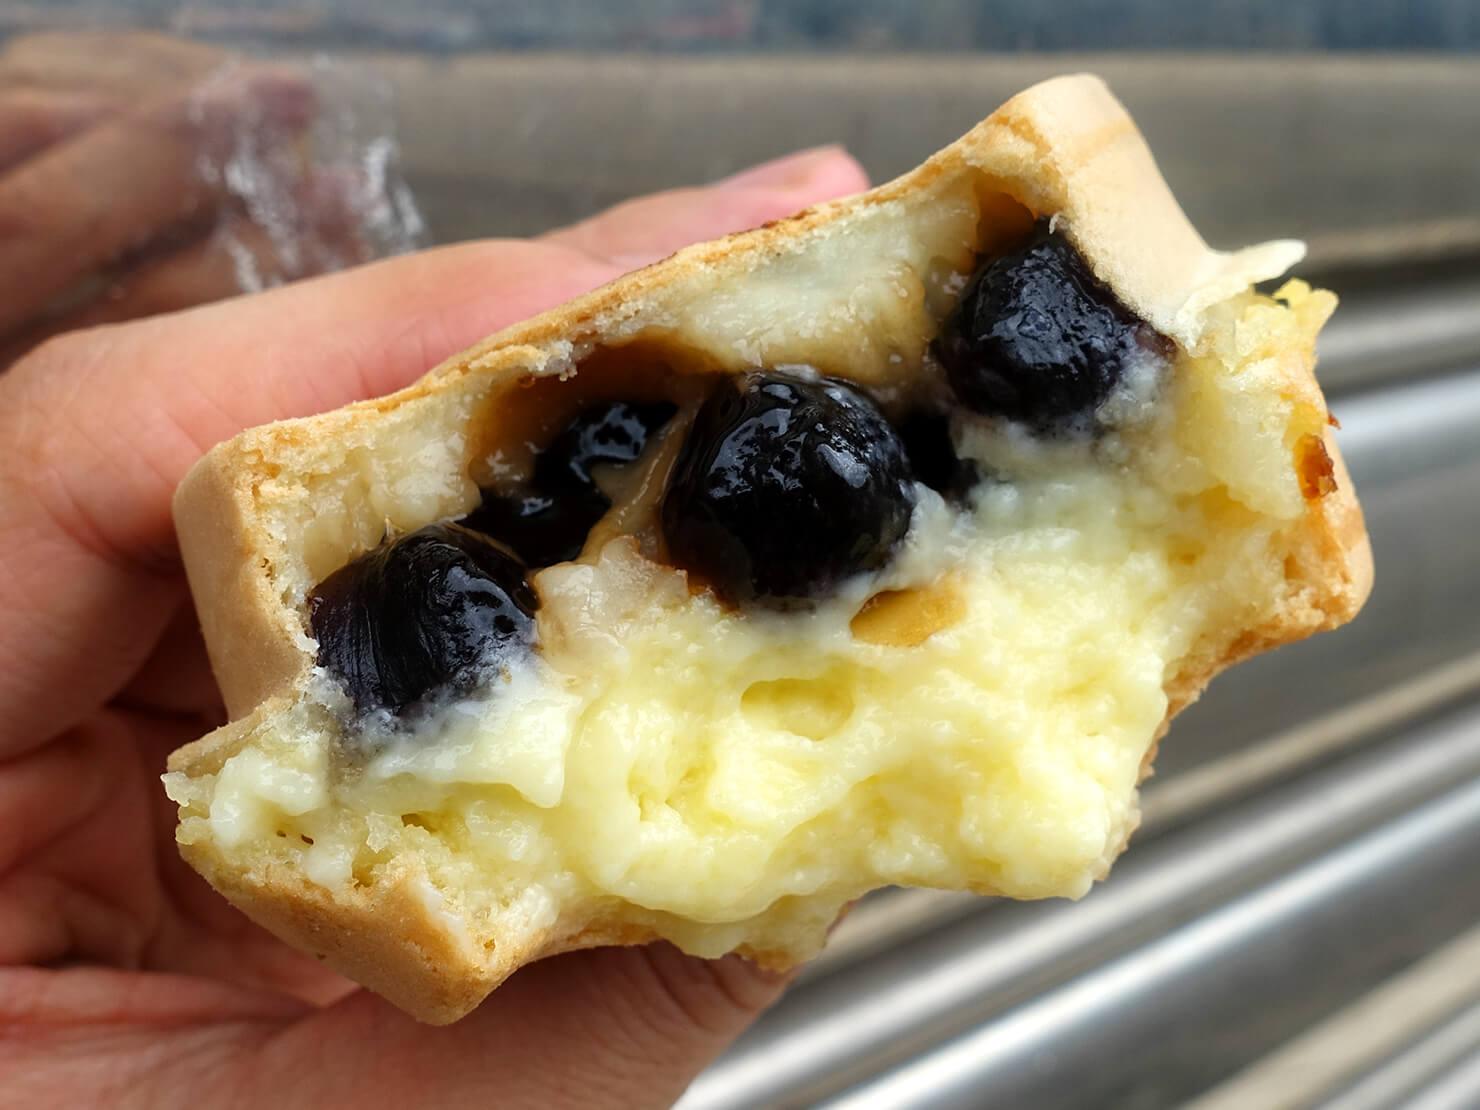 台北・公館夜市のおすすめグルメ店「兩點」の珍珠奶油クローズアップ